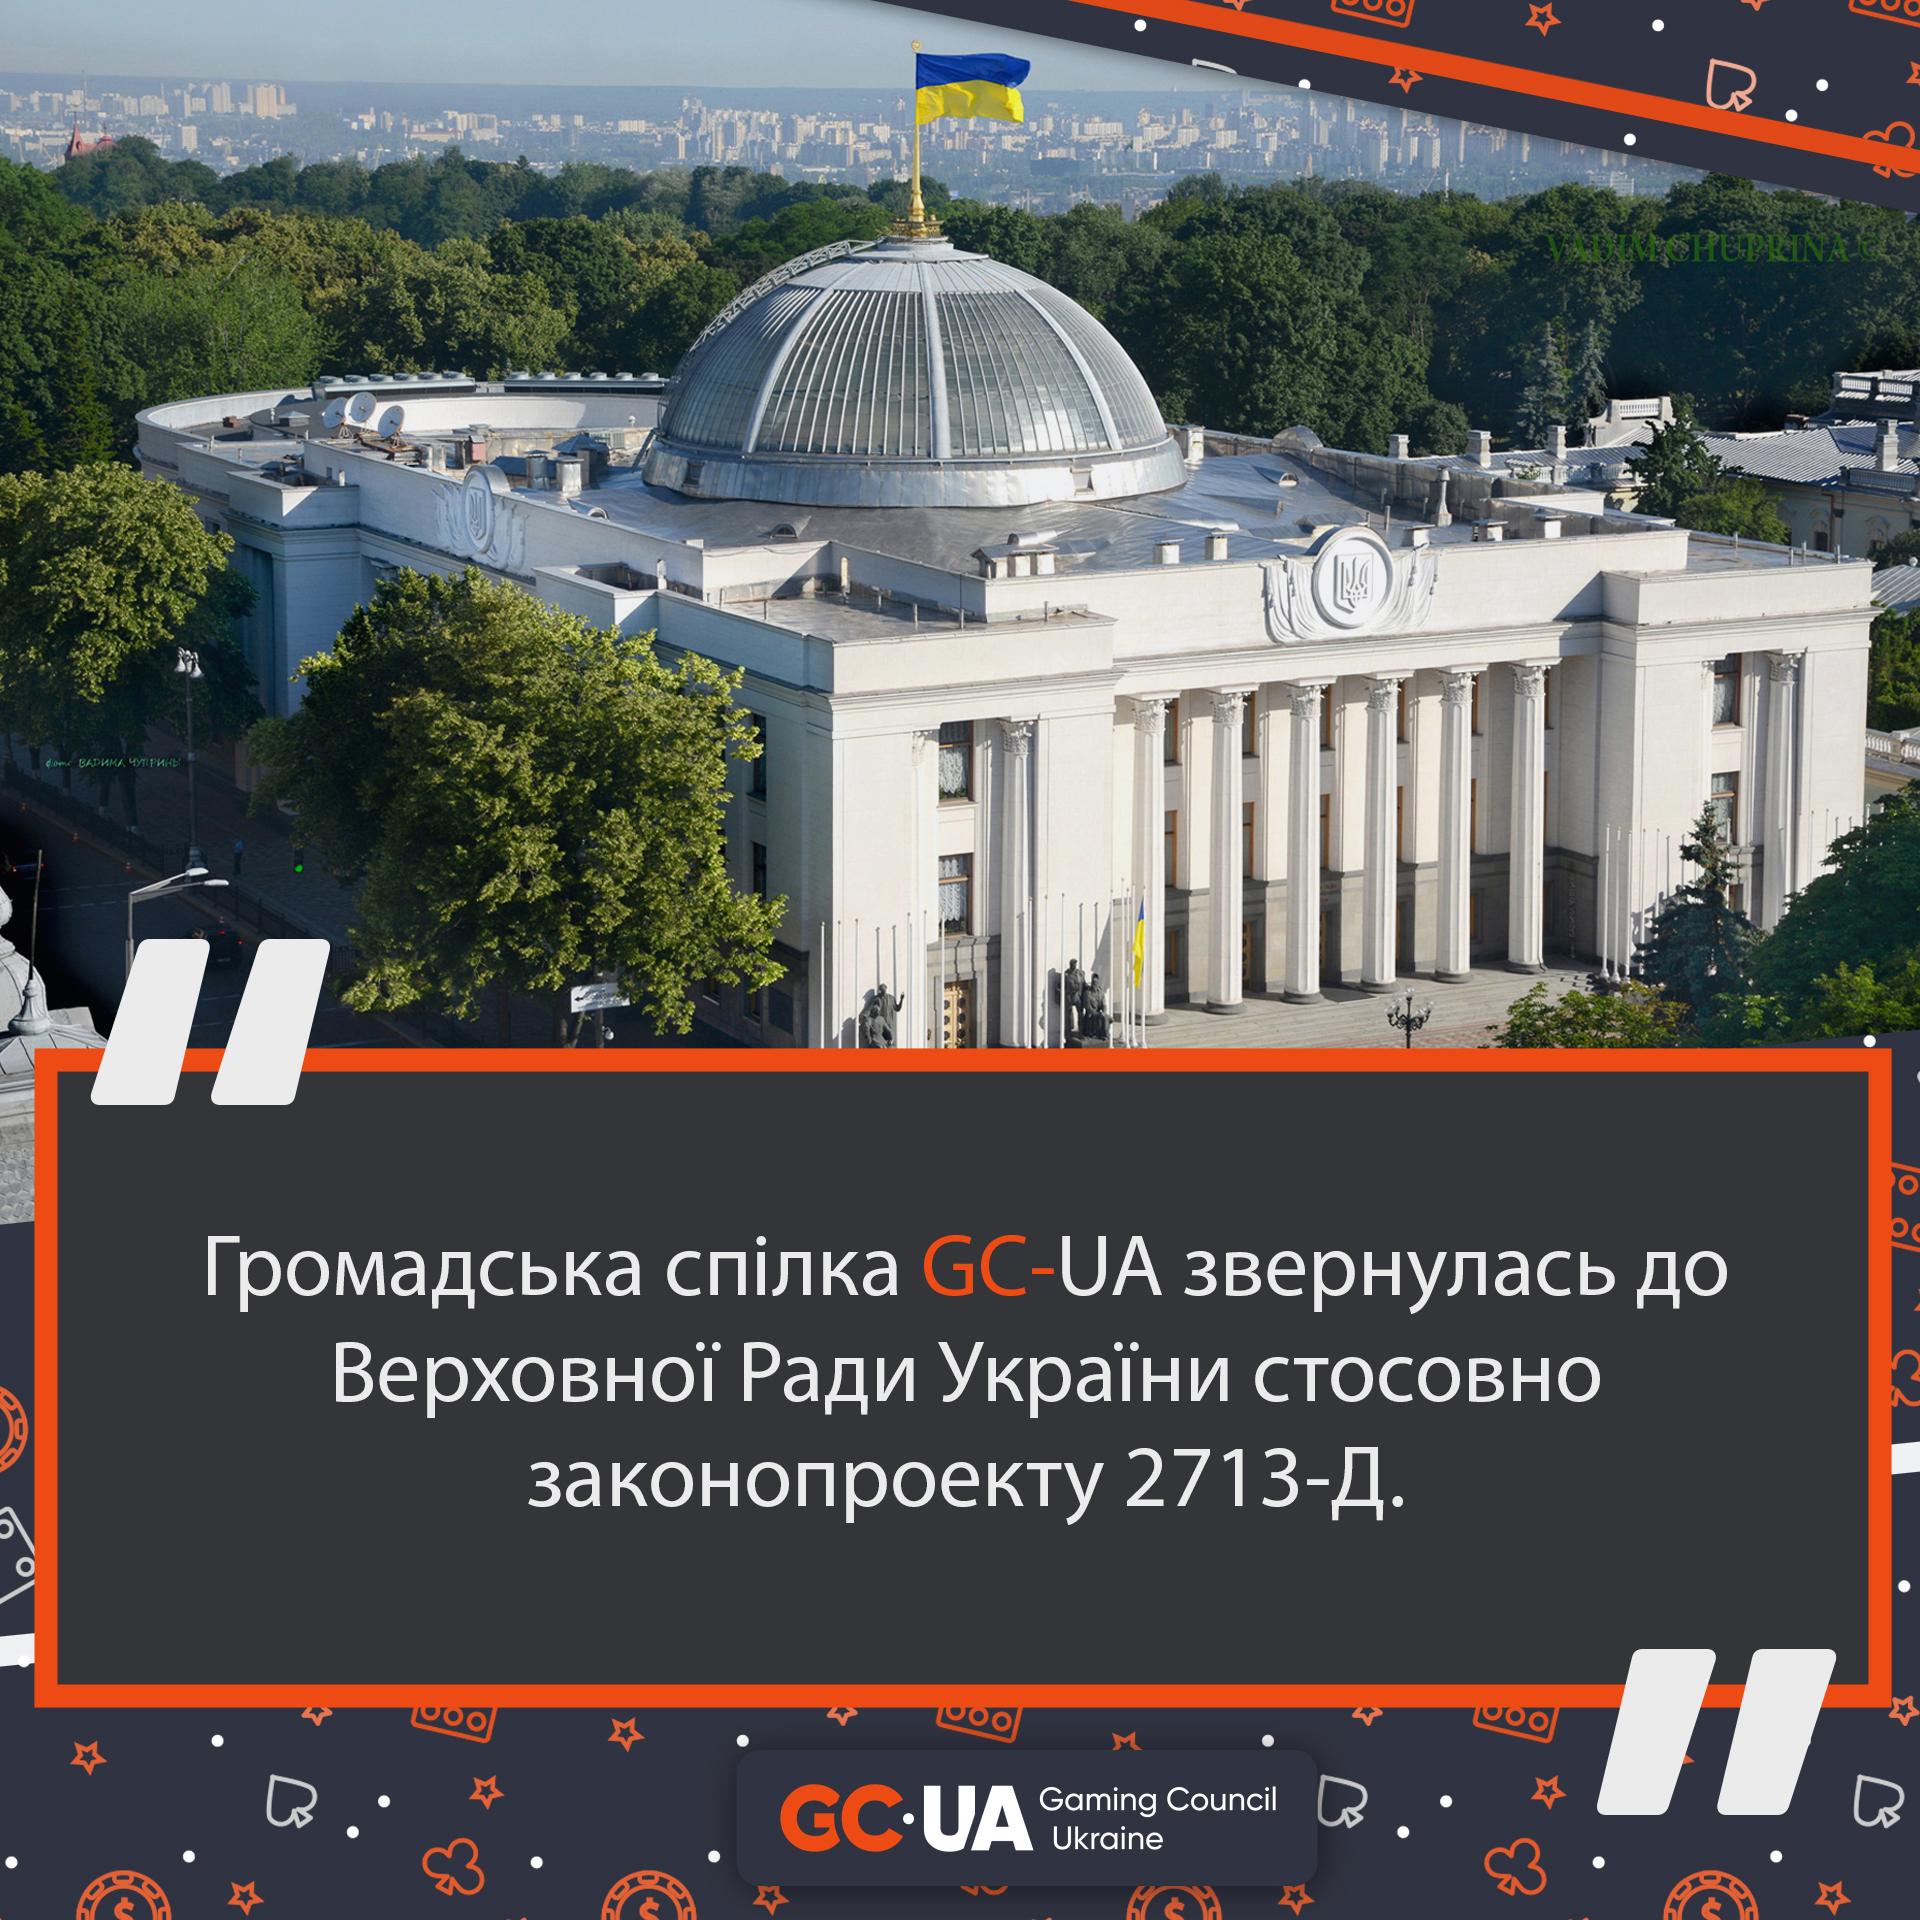 Громадська спілка GC-UA звернулась до Верховної Ради України стосовно законопроекту 2713-Д